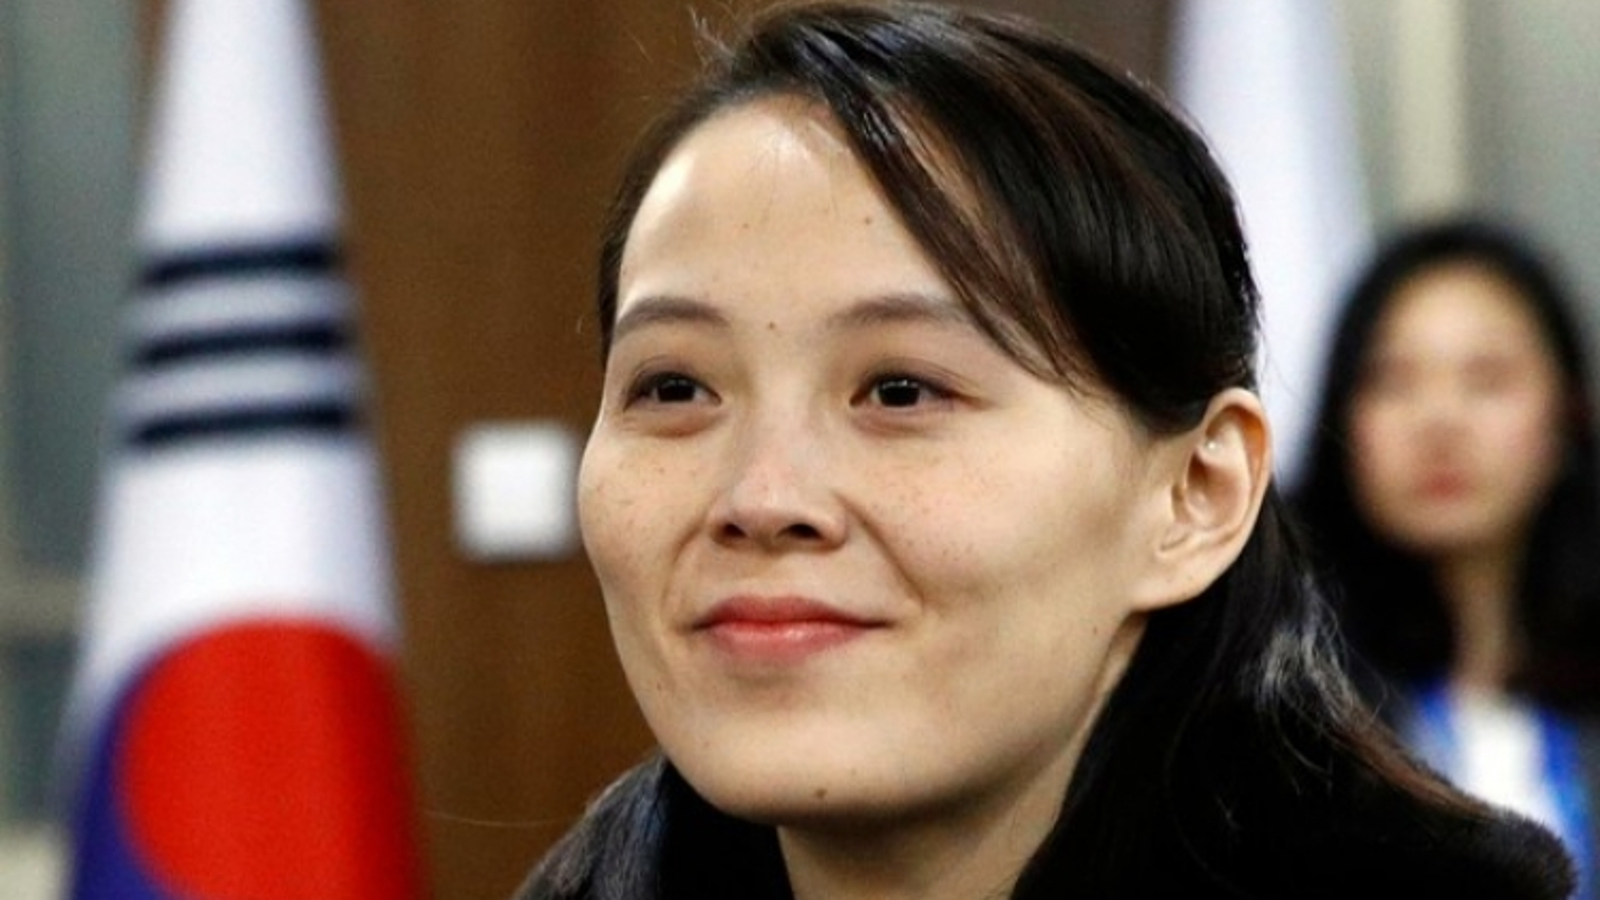 Quyền lực thực tế của em gái ông Kim Jong-un không bị suy giảm